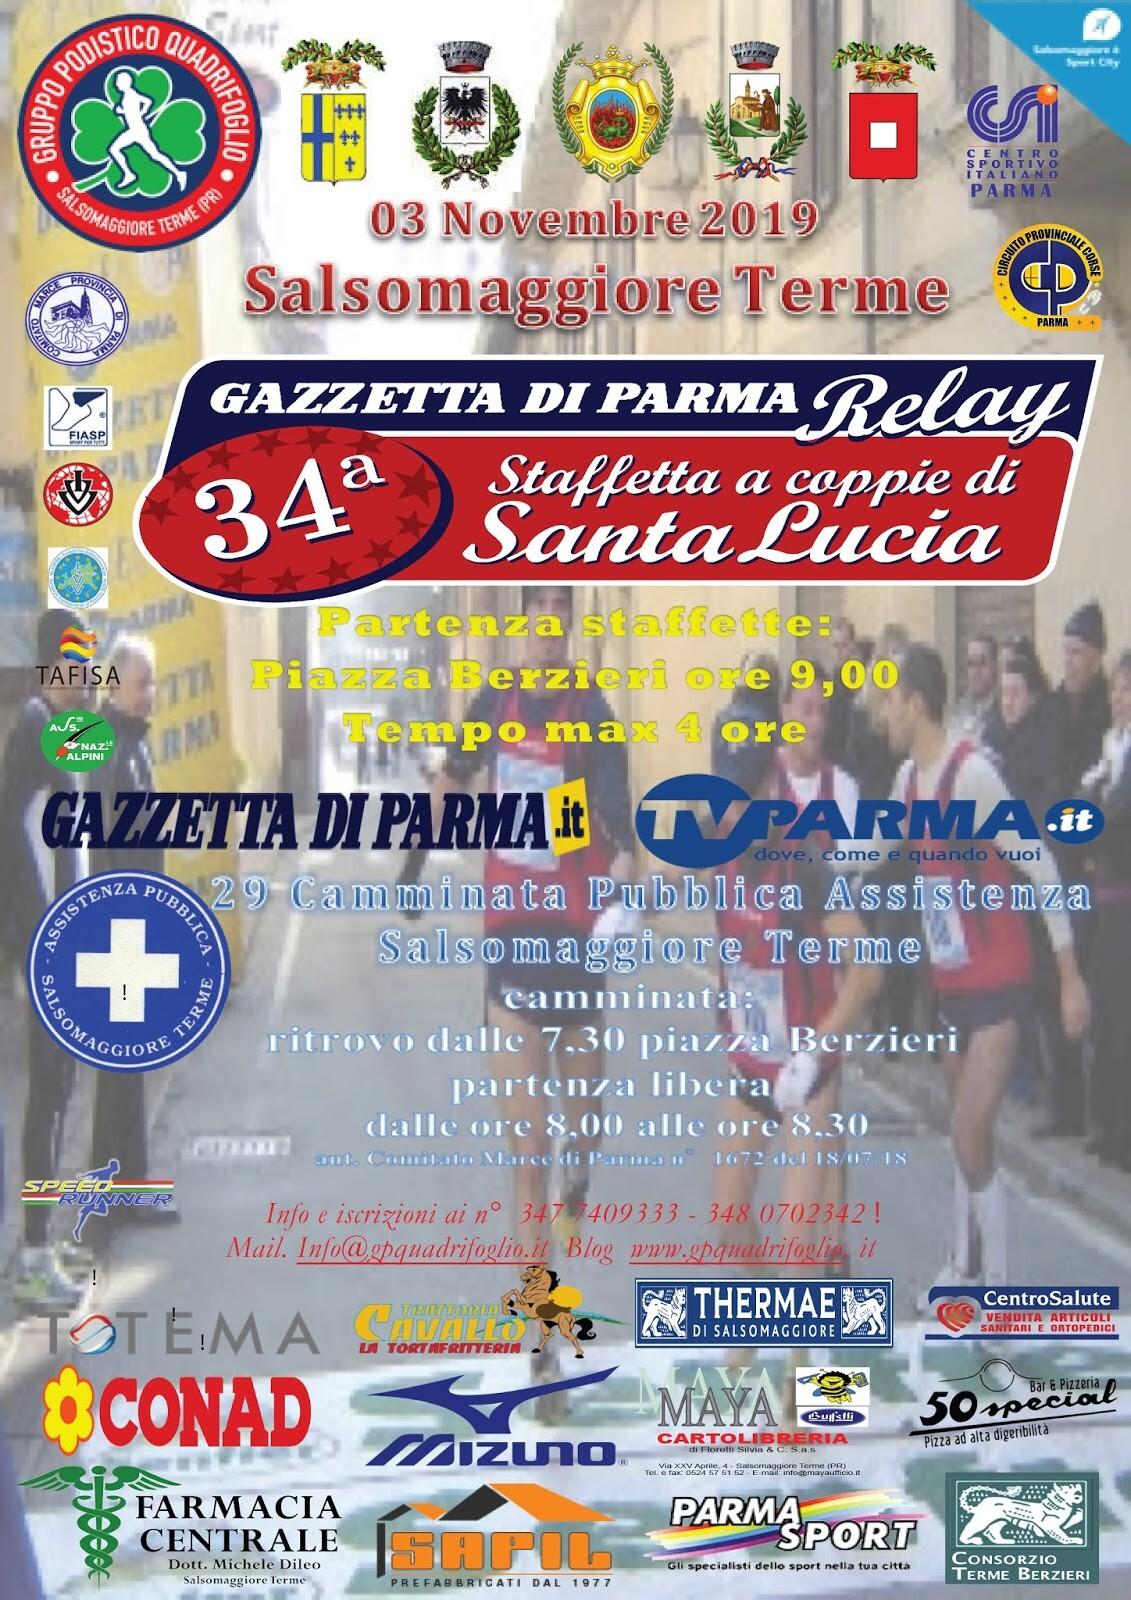 34^ Staffetta a coppie di Santa Lucia e Gazzetta di Parma Relay 29^ Camminata della Pubblica Assistenza